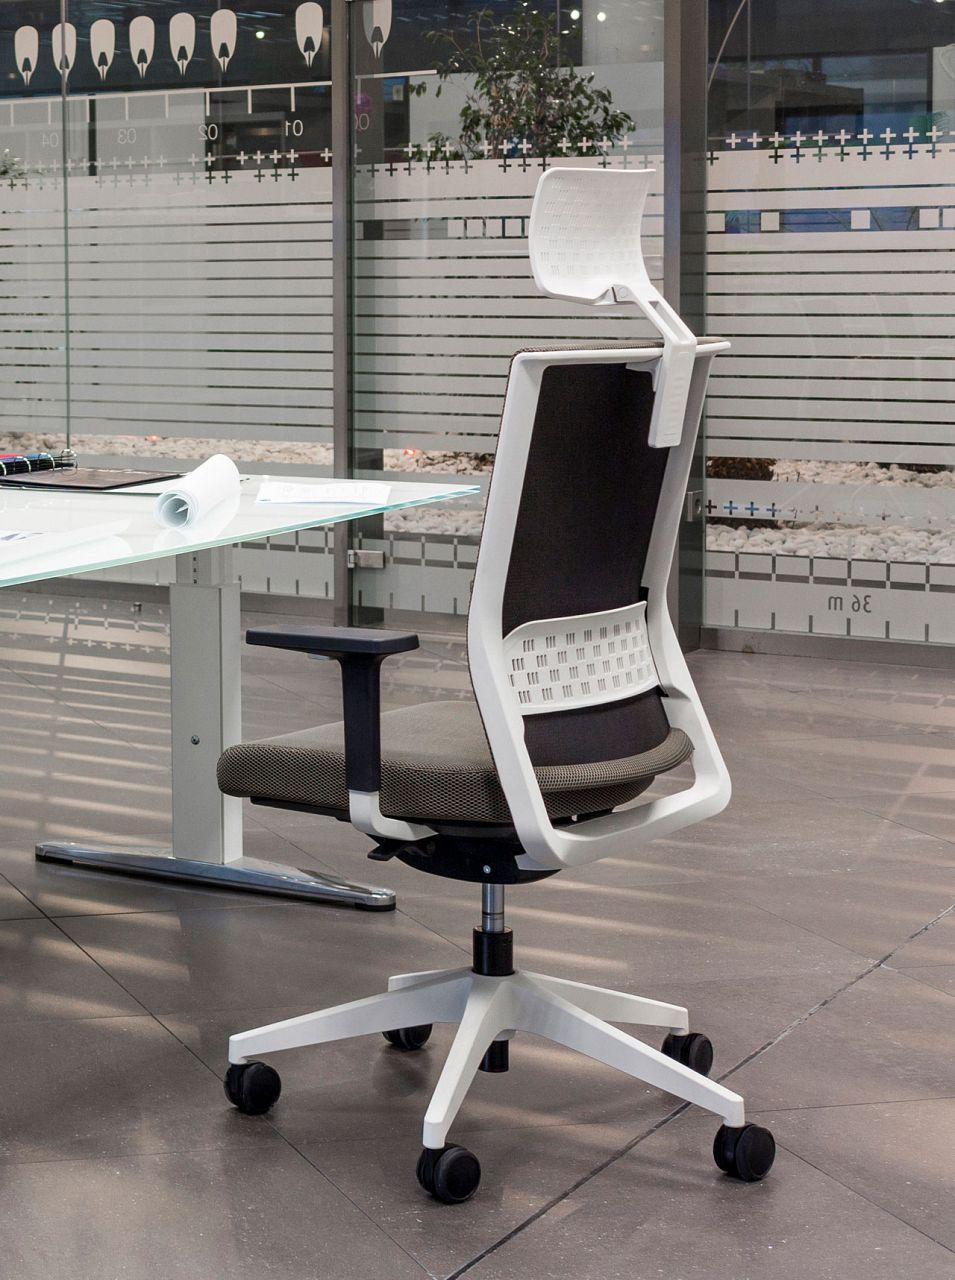 silla-de-oficina-stay - Spacioveintiuno   Muebles de Oficina en Bilbao